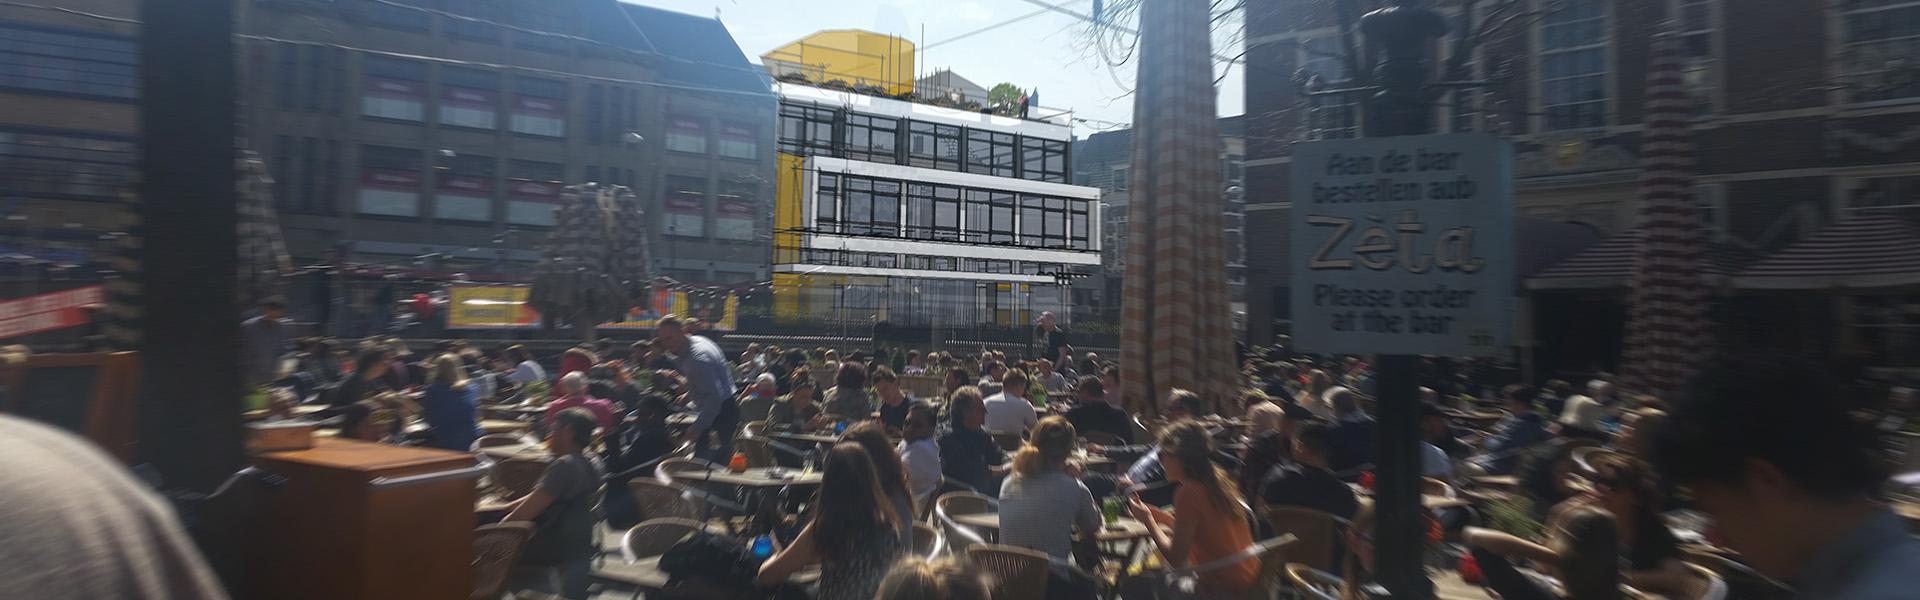 Quantum Den Haag - pleinzicht